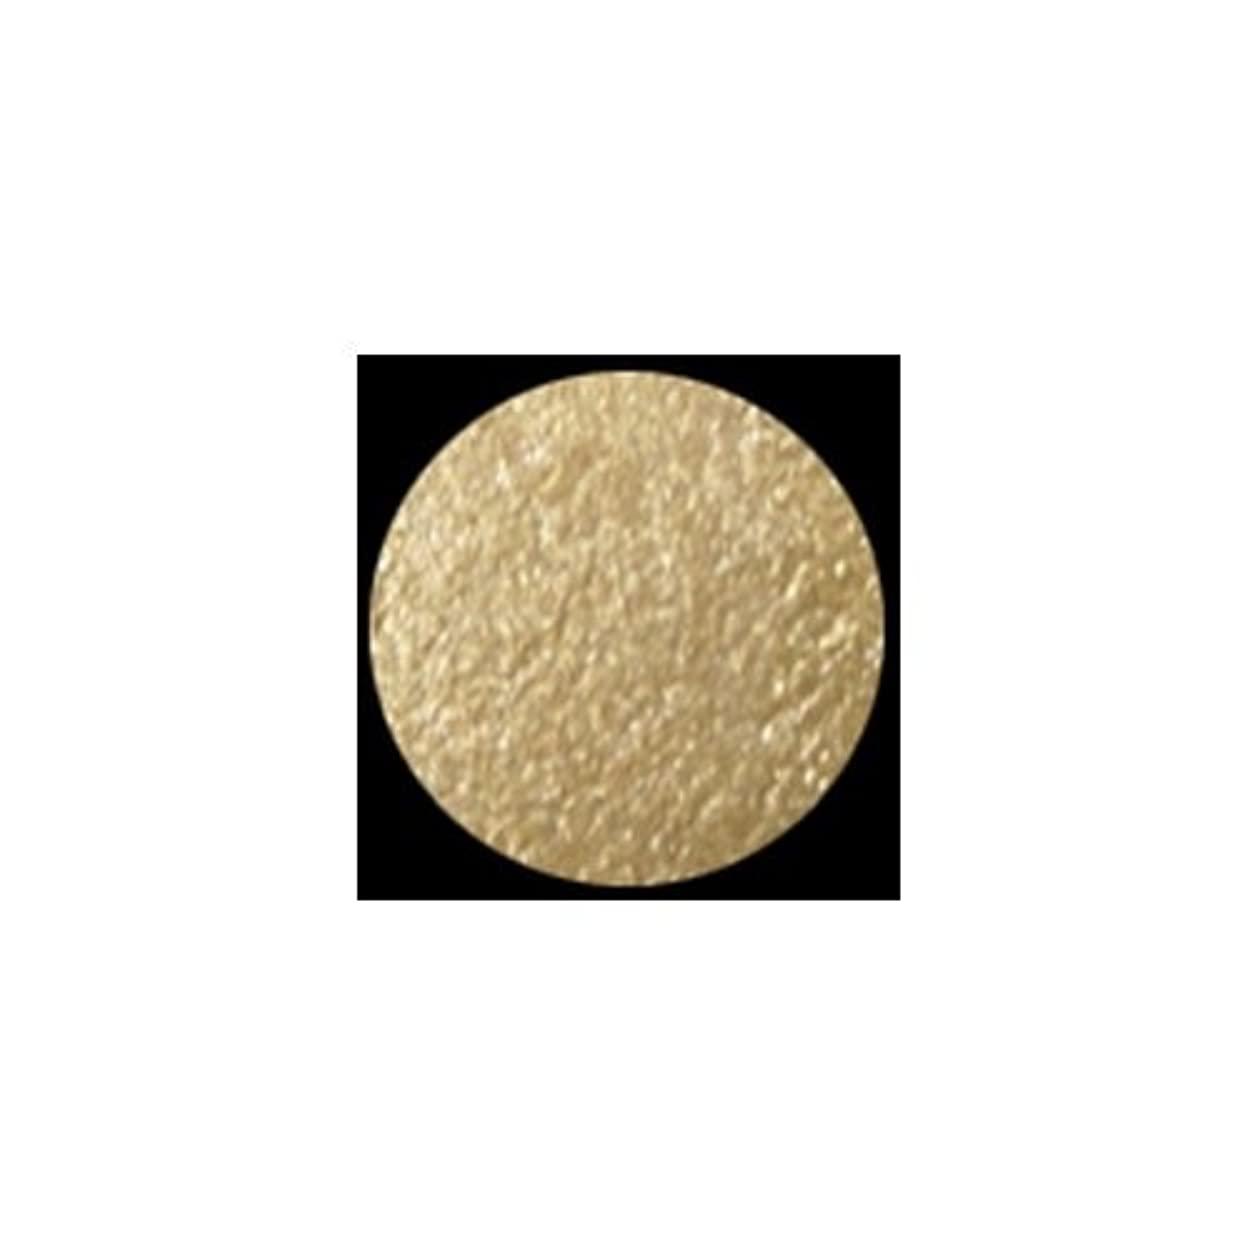 ルーフニコチンより良いKLEANCOLOR American Eyedol (Wet/Dry Baked Eyeshadow) - Champagne (並行輸入品)